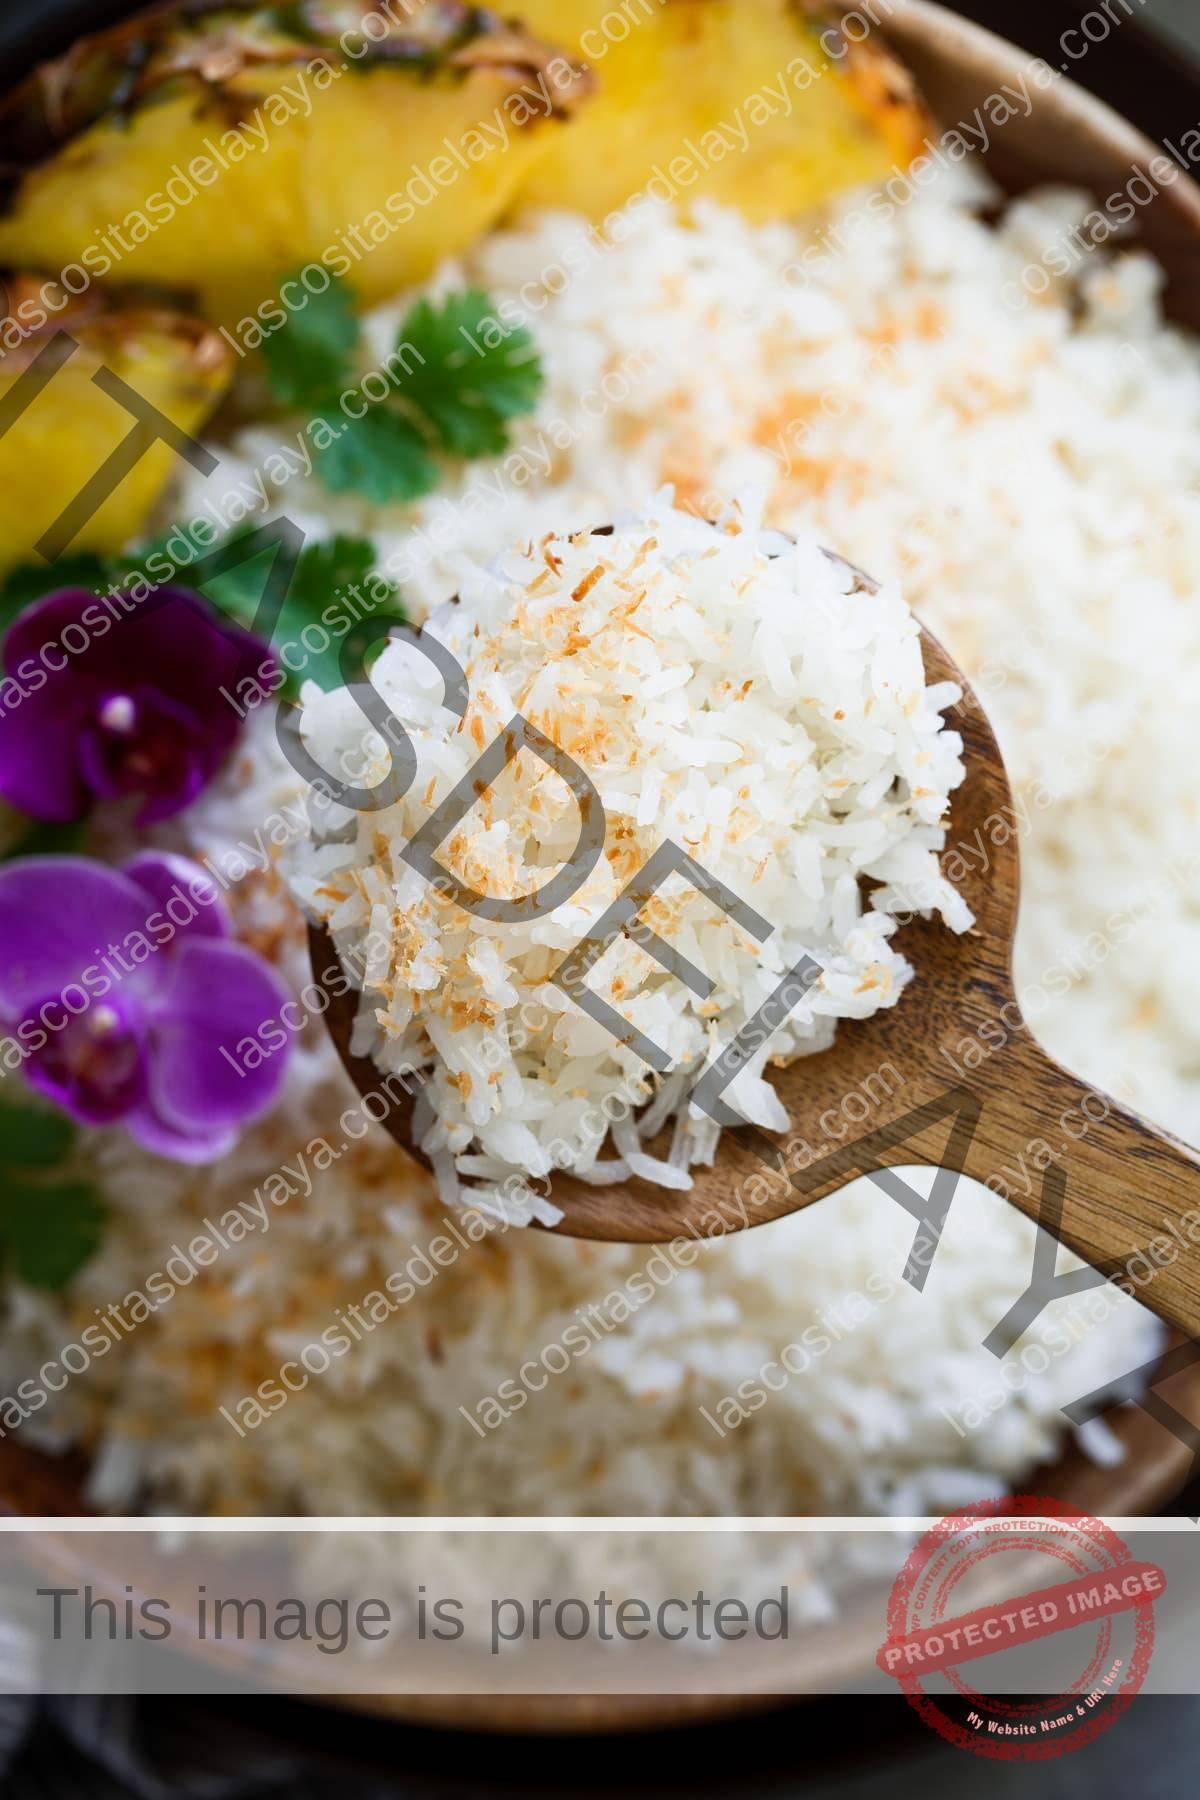 Cerrar imagen de arroz de coco decorado con coco tostado.